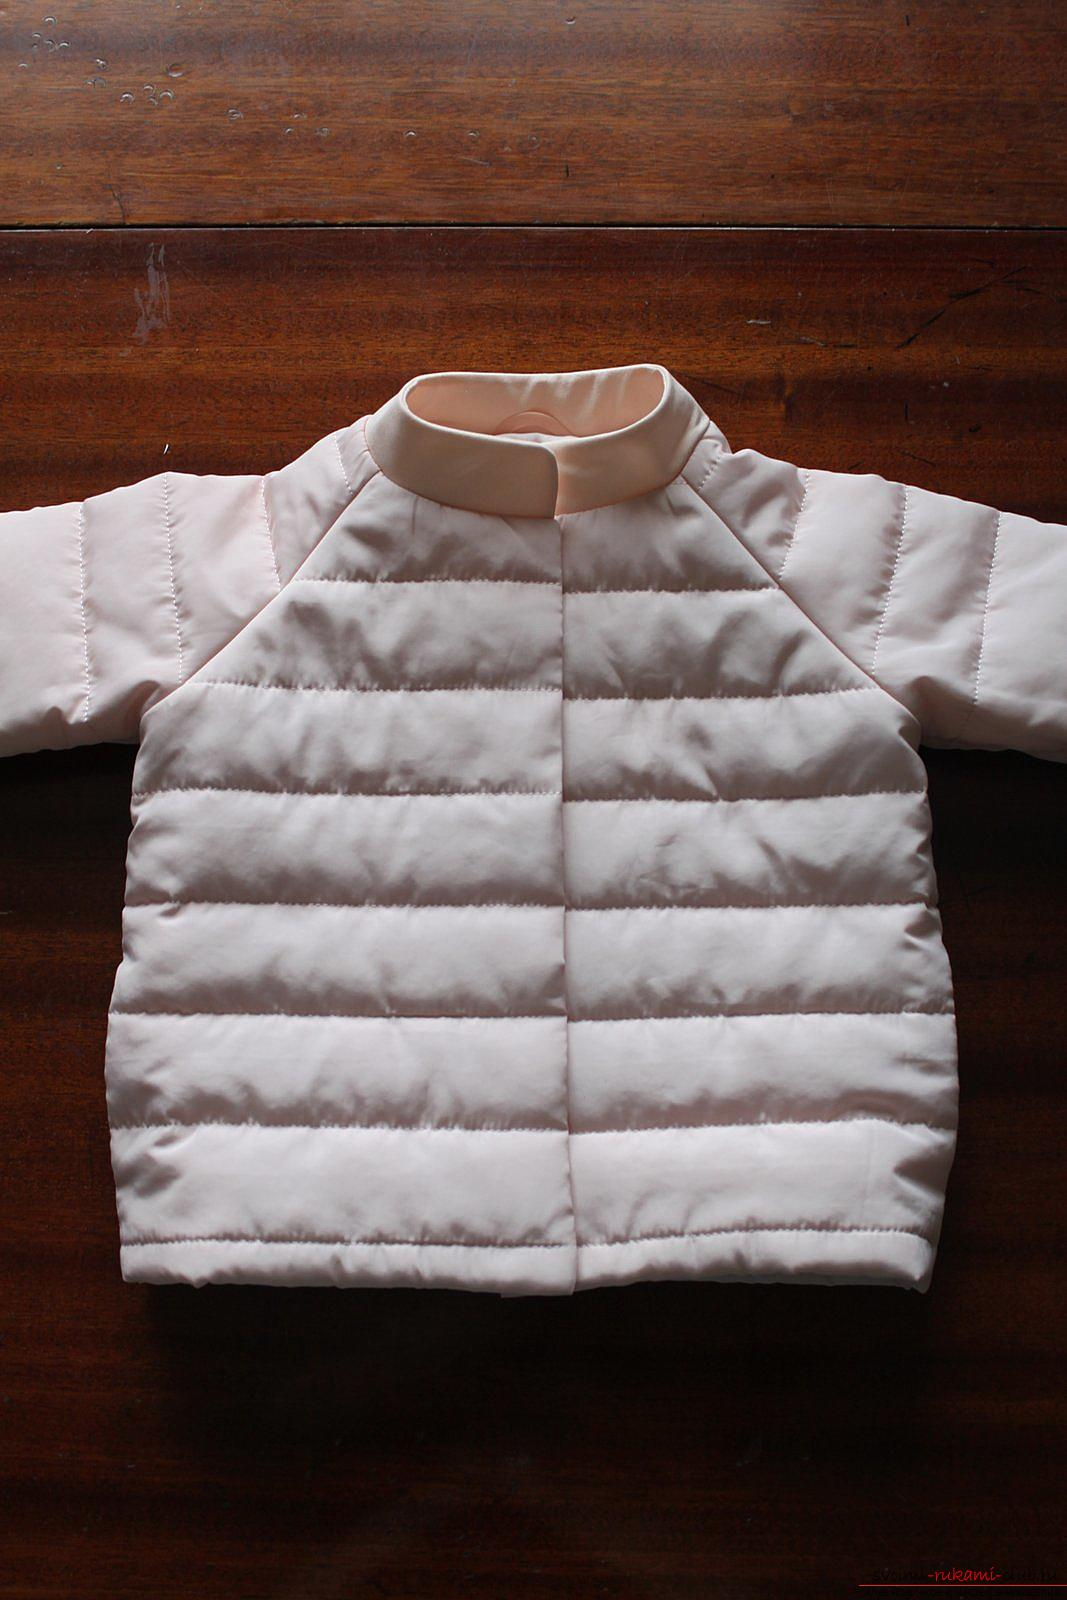 Этот мастер-класс с выкройкой одежды для девочек, фото и описанием шитья детской одежды расскажет как сшить куртки для девочек.. Фото №47